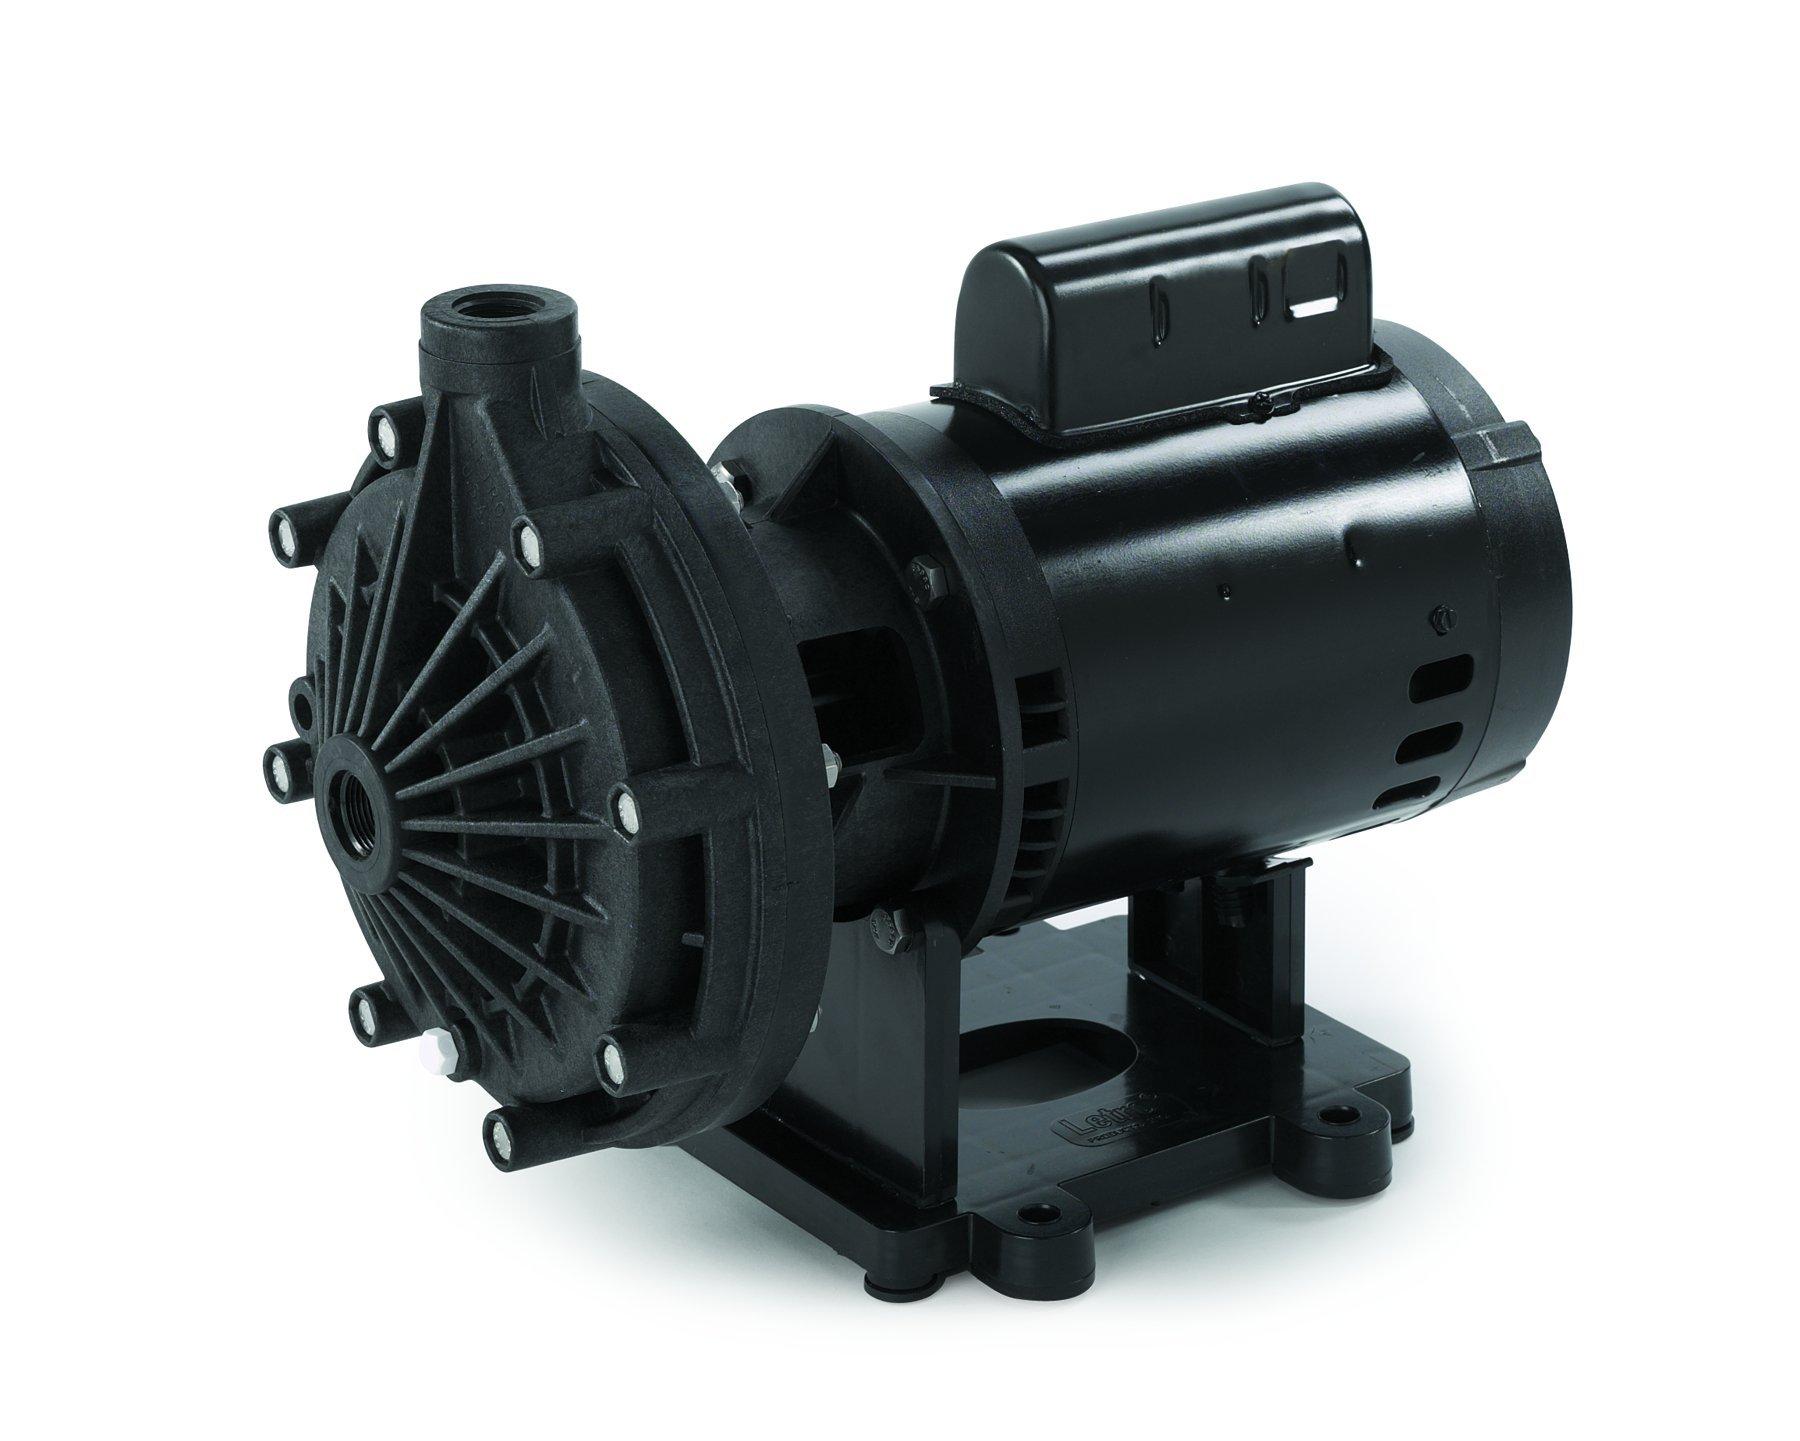 Pentair LA01N Energy Efficient Single Speed Pressure-Side Pool Cleaner Booster Pump, 3/4 Horsepower, 115/230 Volt